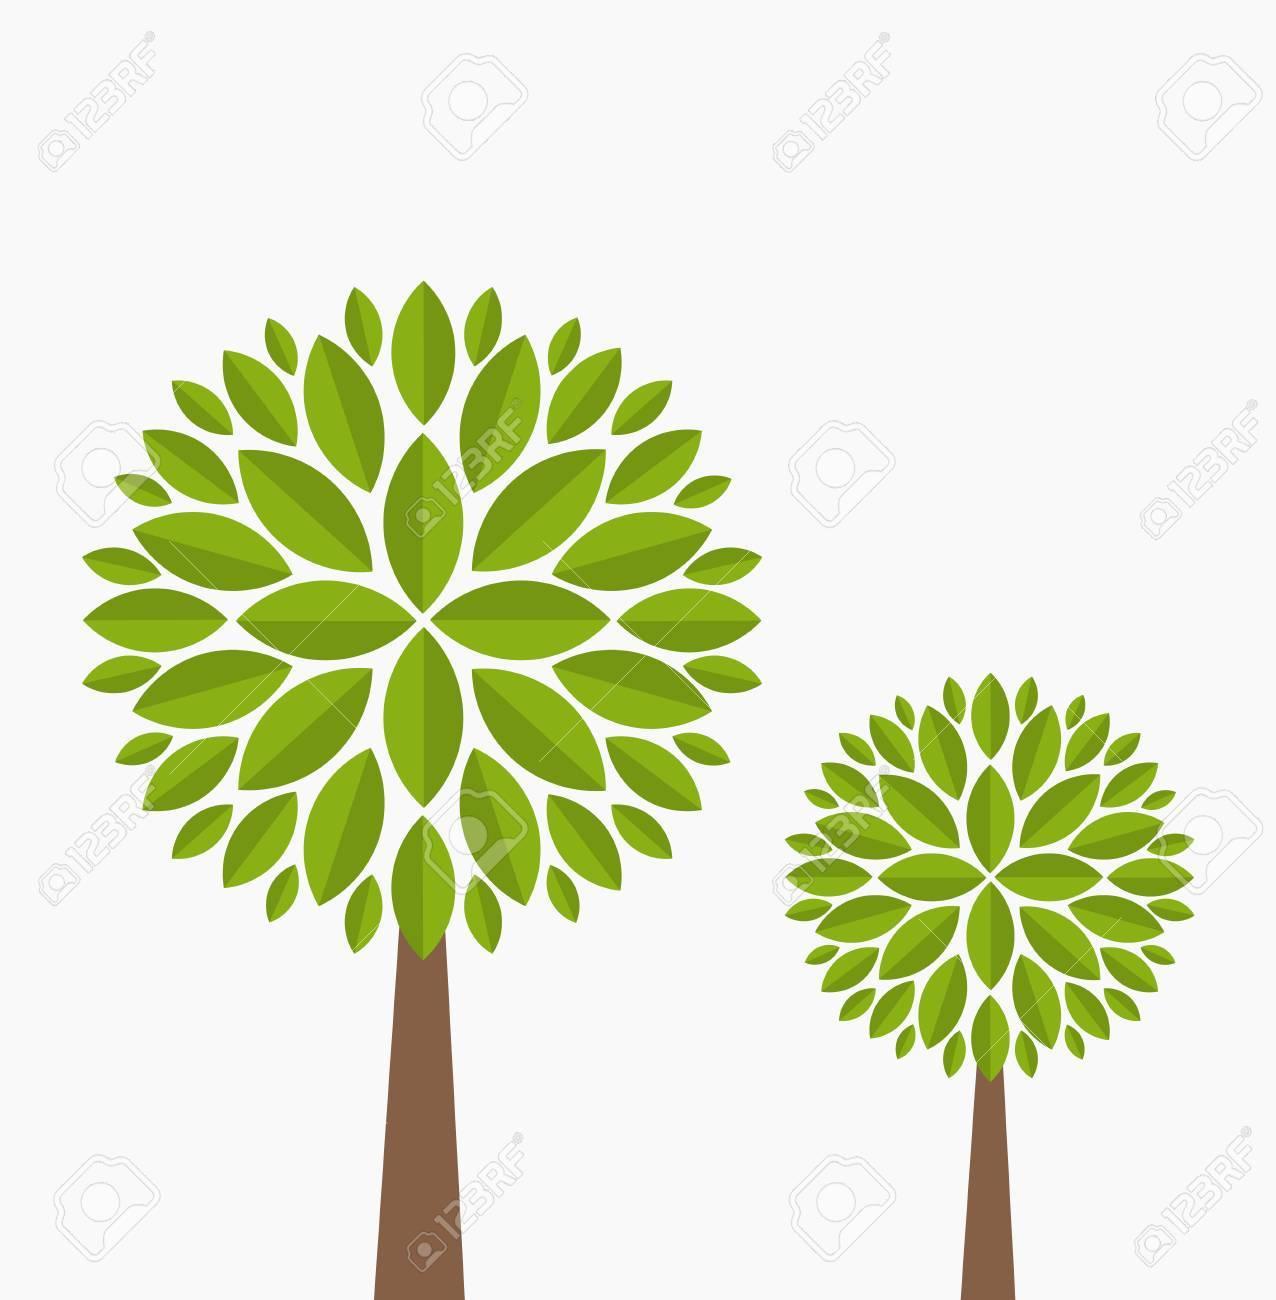 Dos árboles Genealógicos Ilustración Vectorial Sobre Fondo Blanco